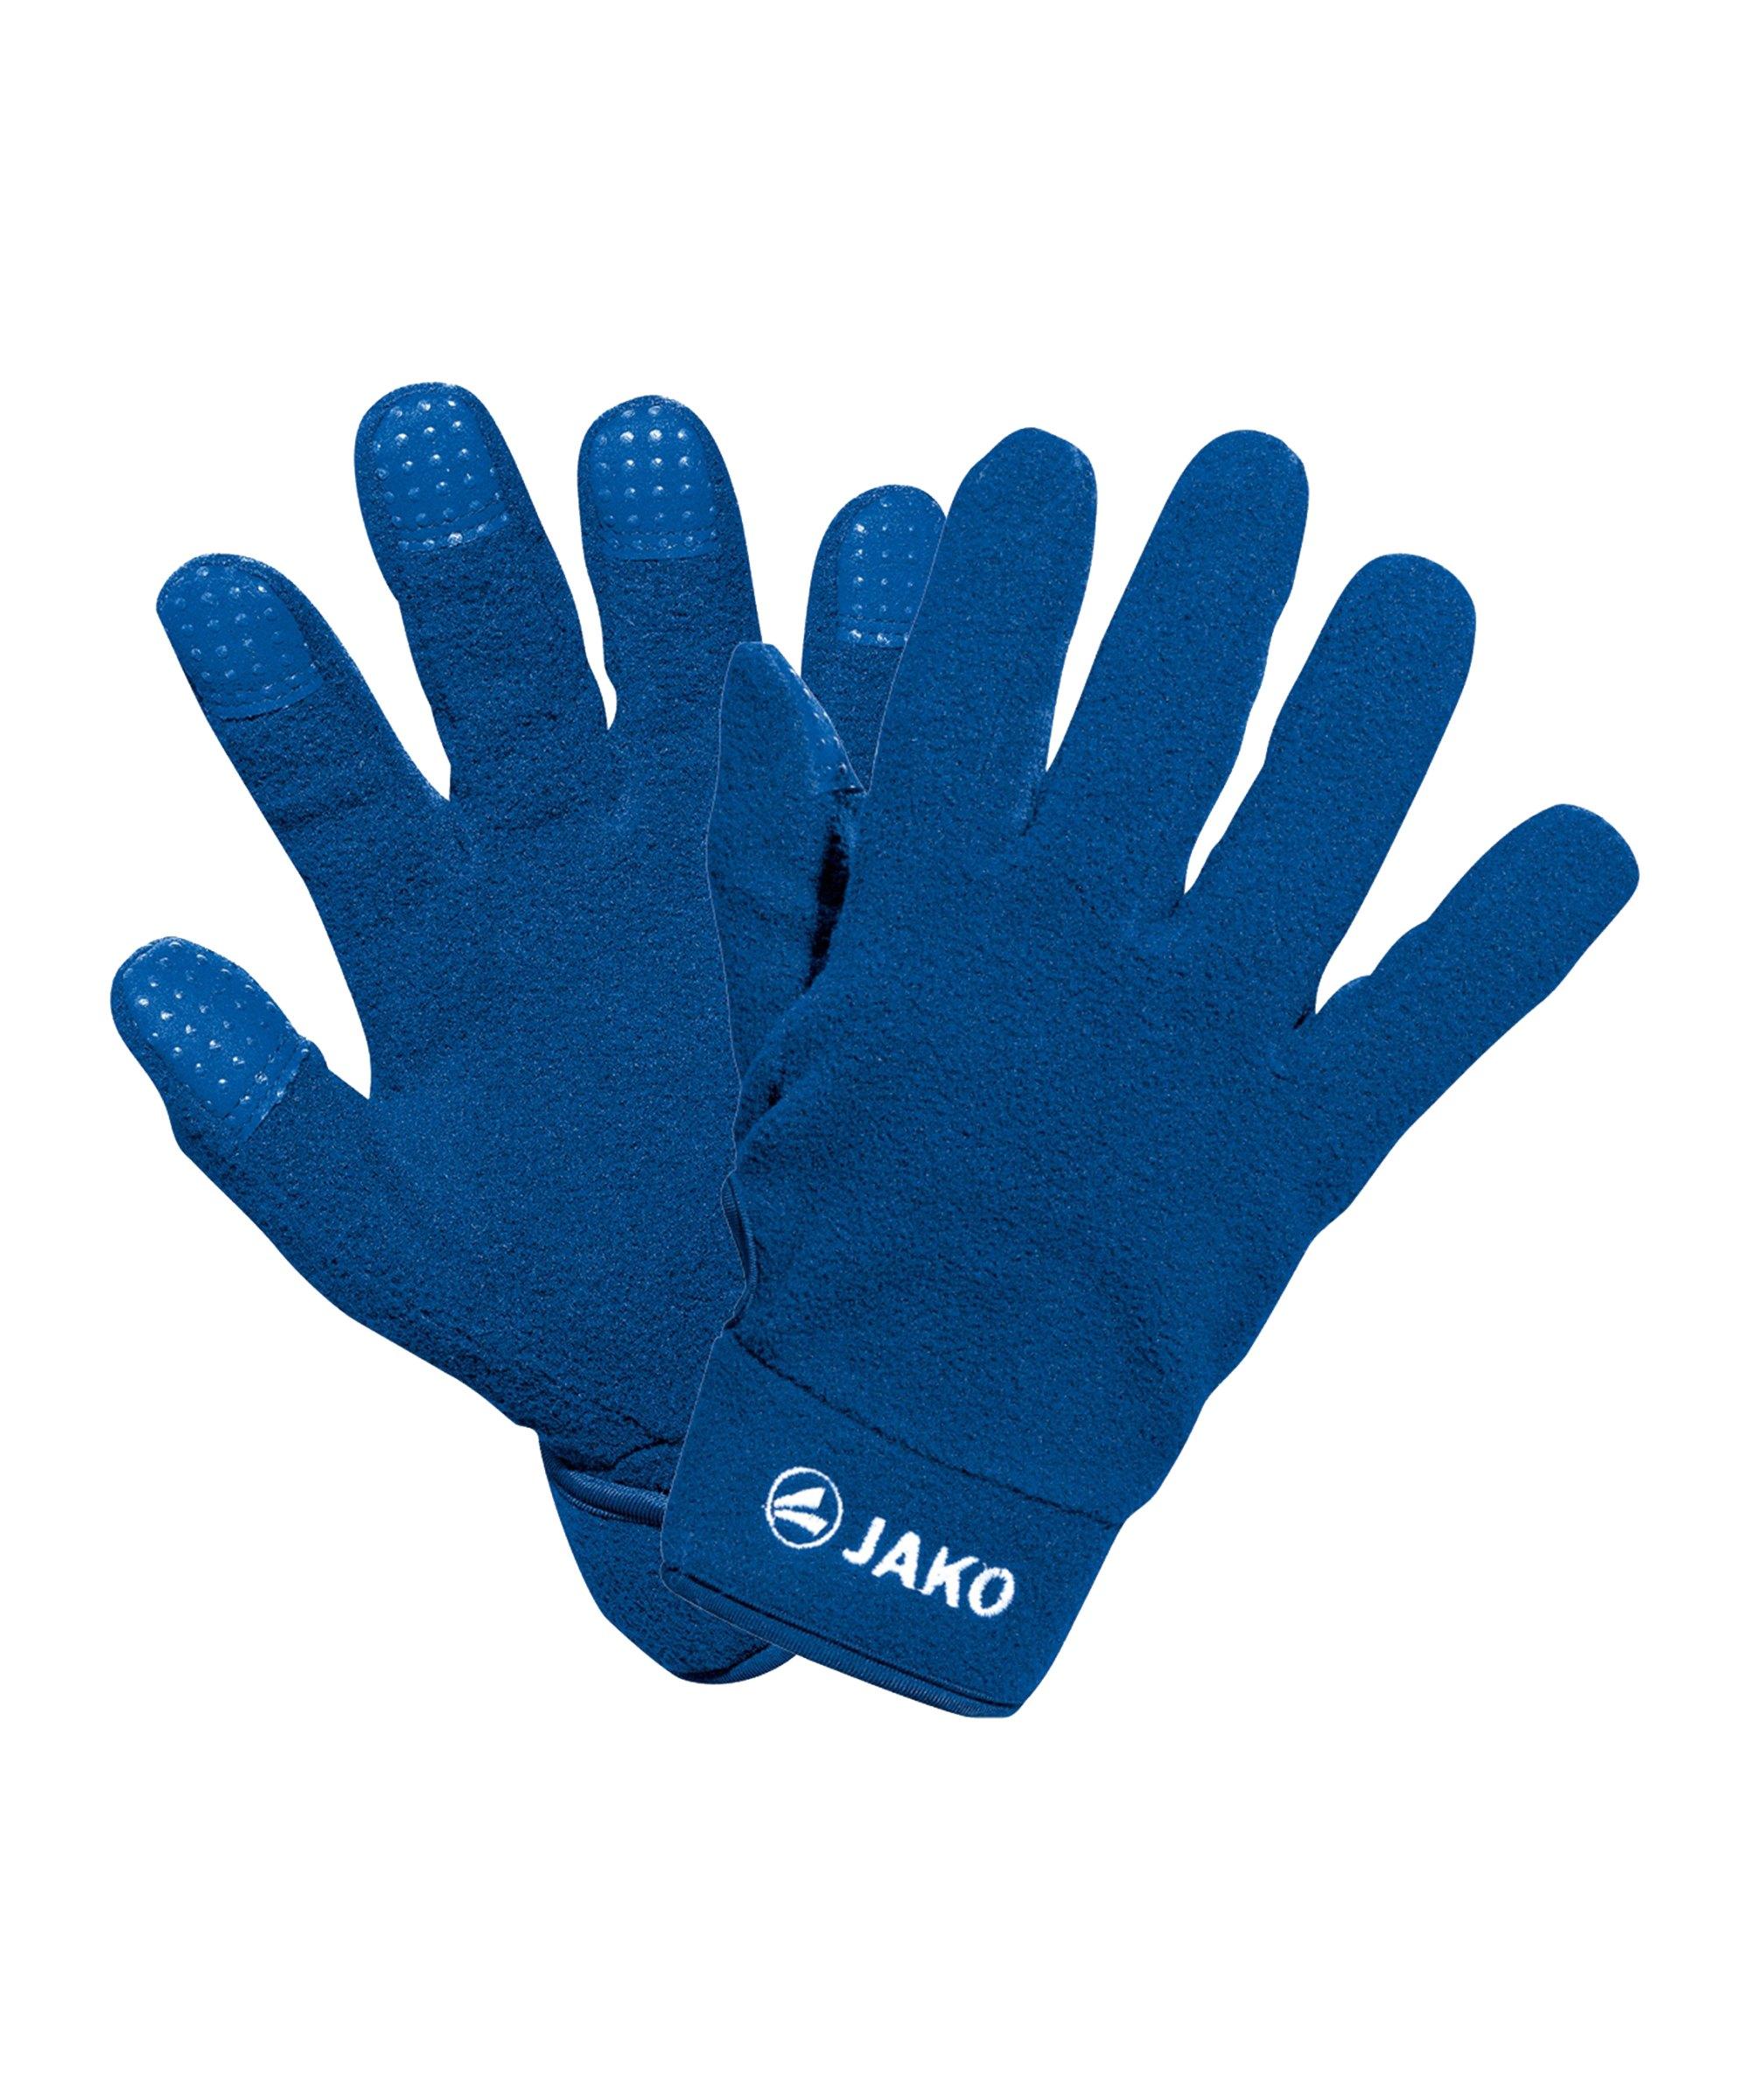 Jako Feldspielerhandschuh Blau F04